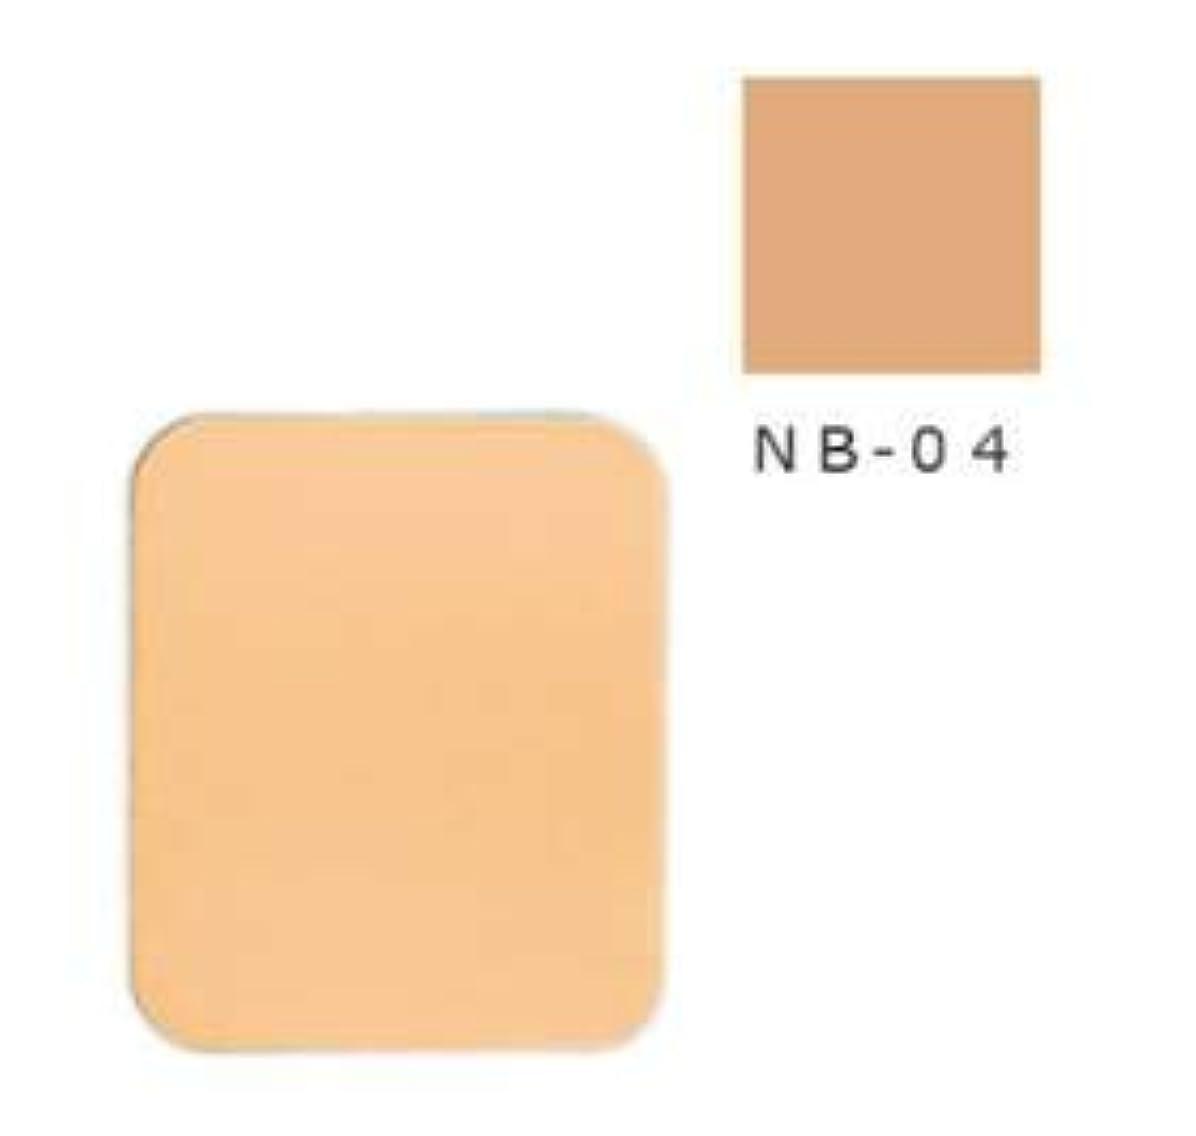 食器棚イルわなノエビア レイセラ プロテクターUV ファンデーション NB-04 <レフィルのみ>(12g)